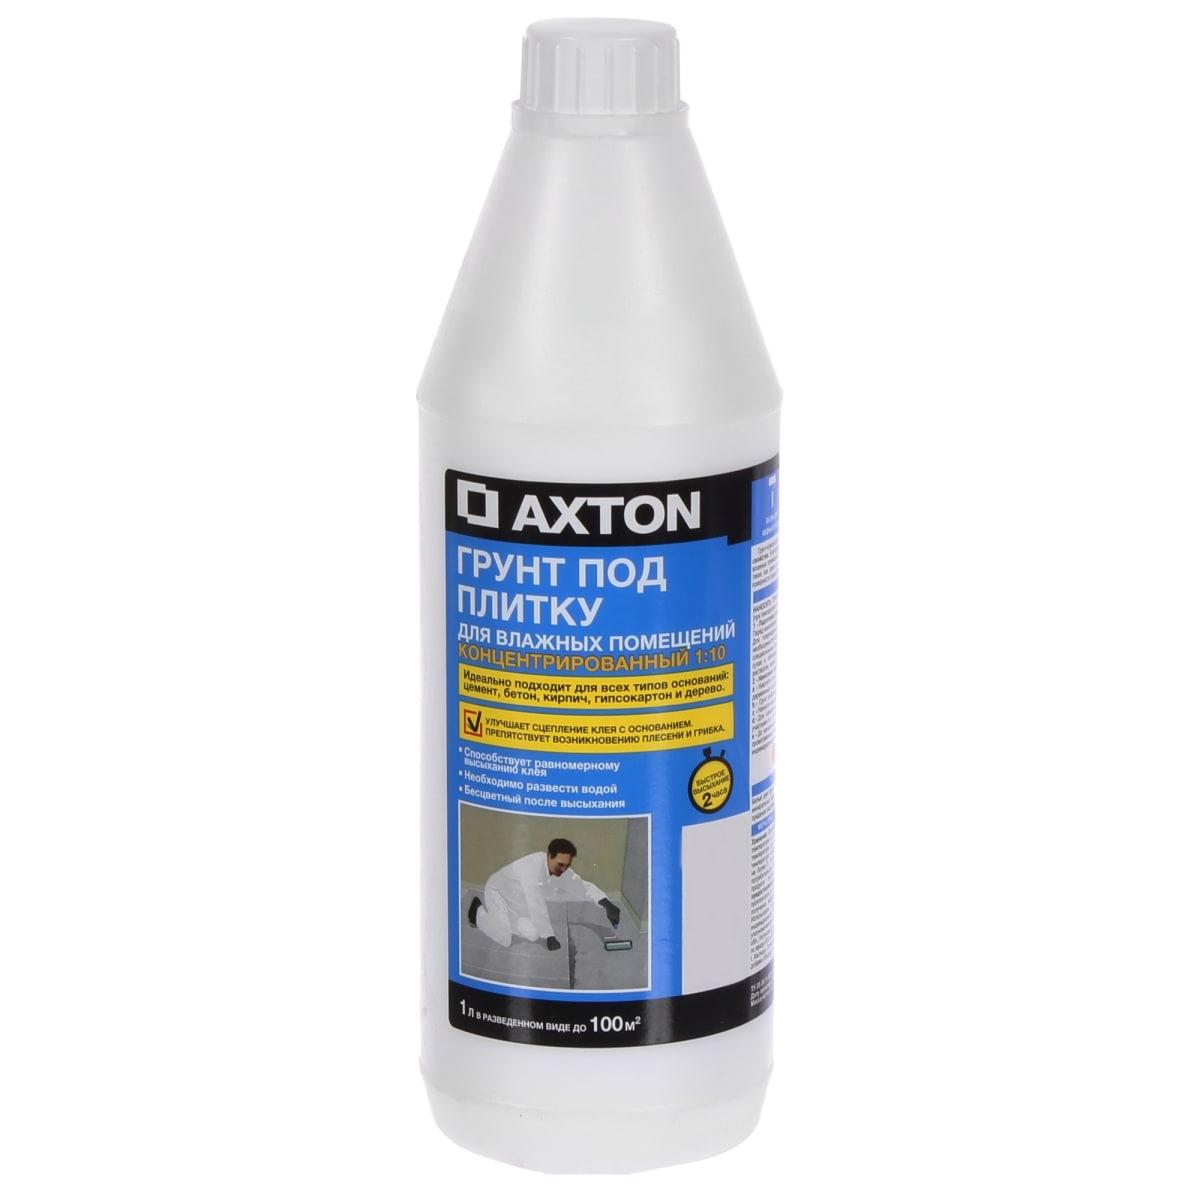 Грунтовка для влажных помещений Axton 1 л